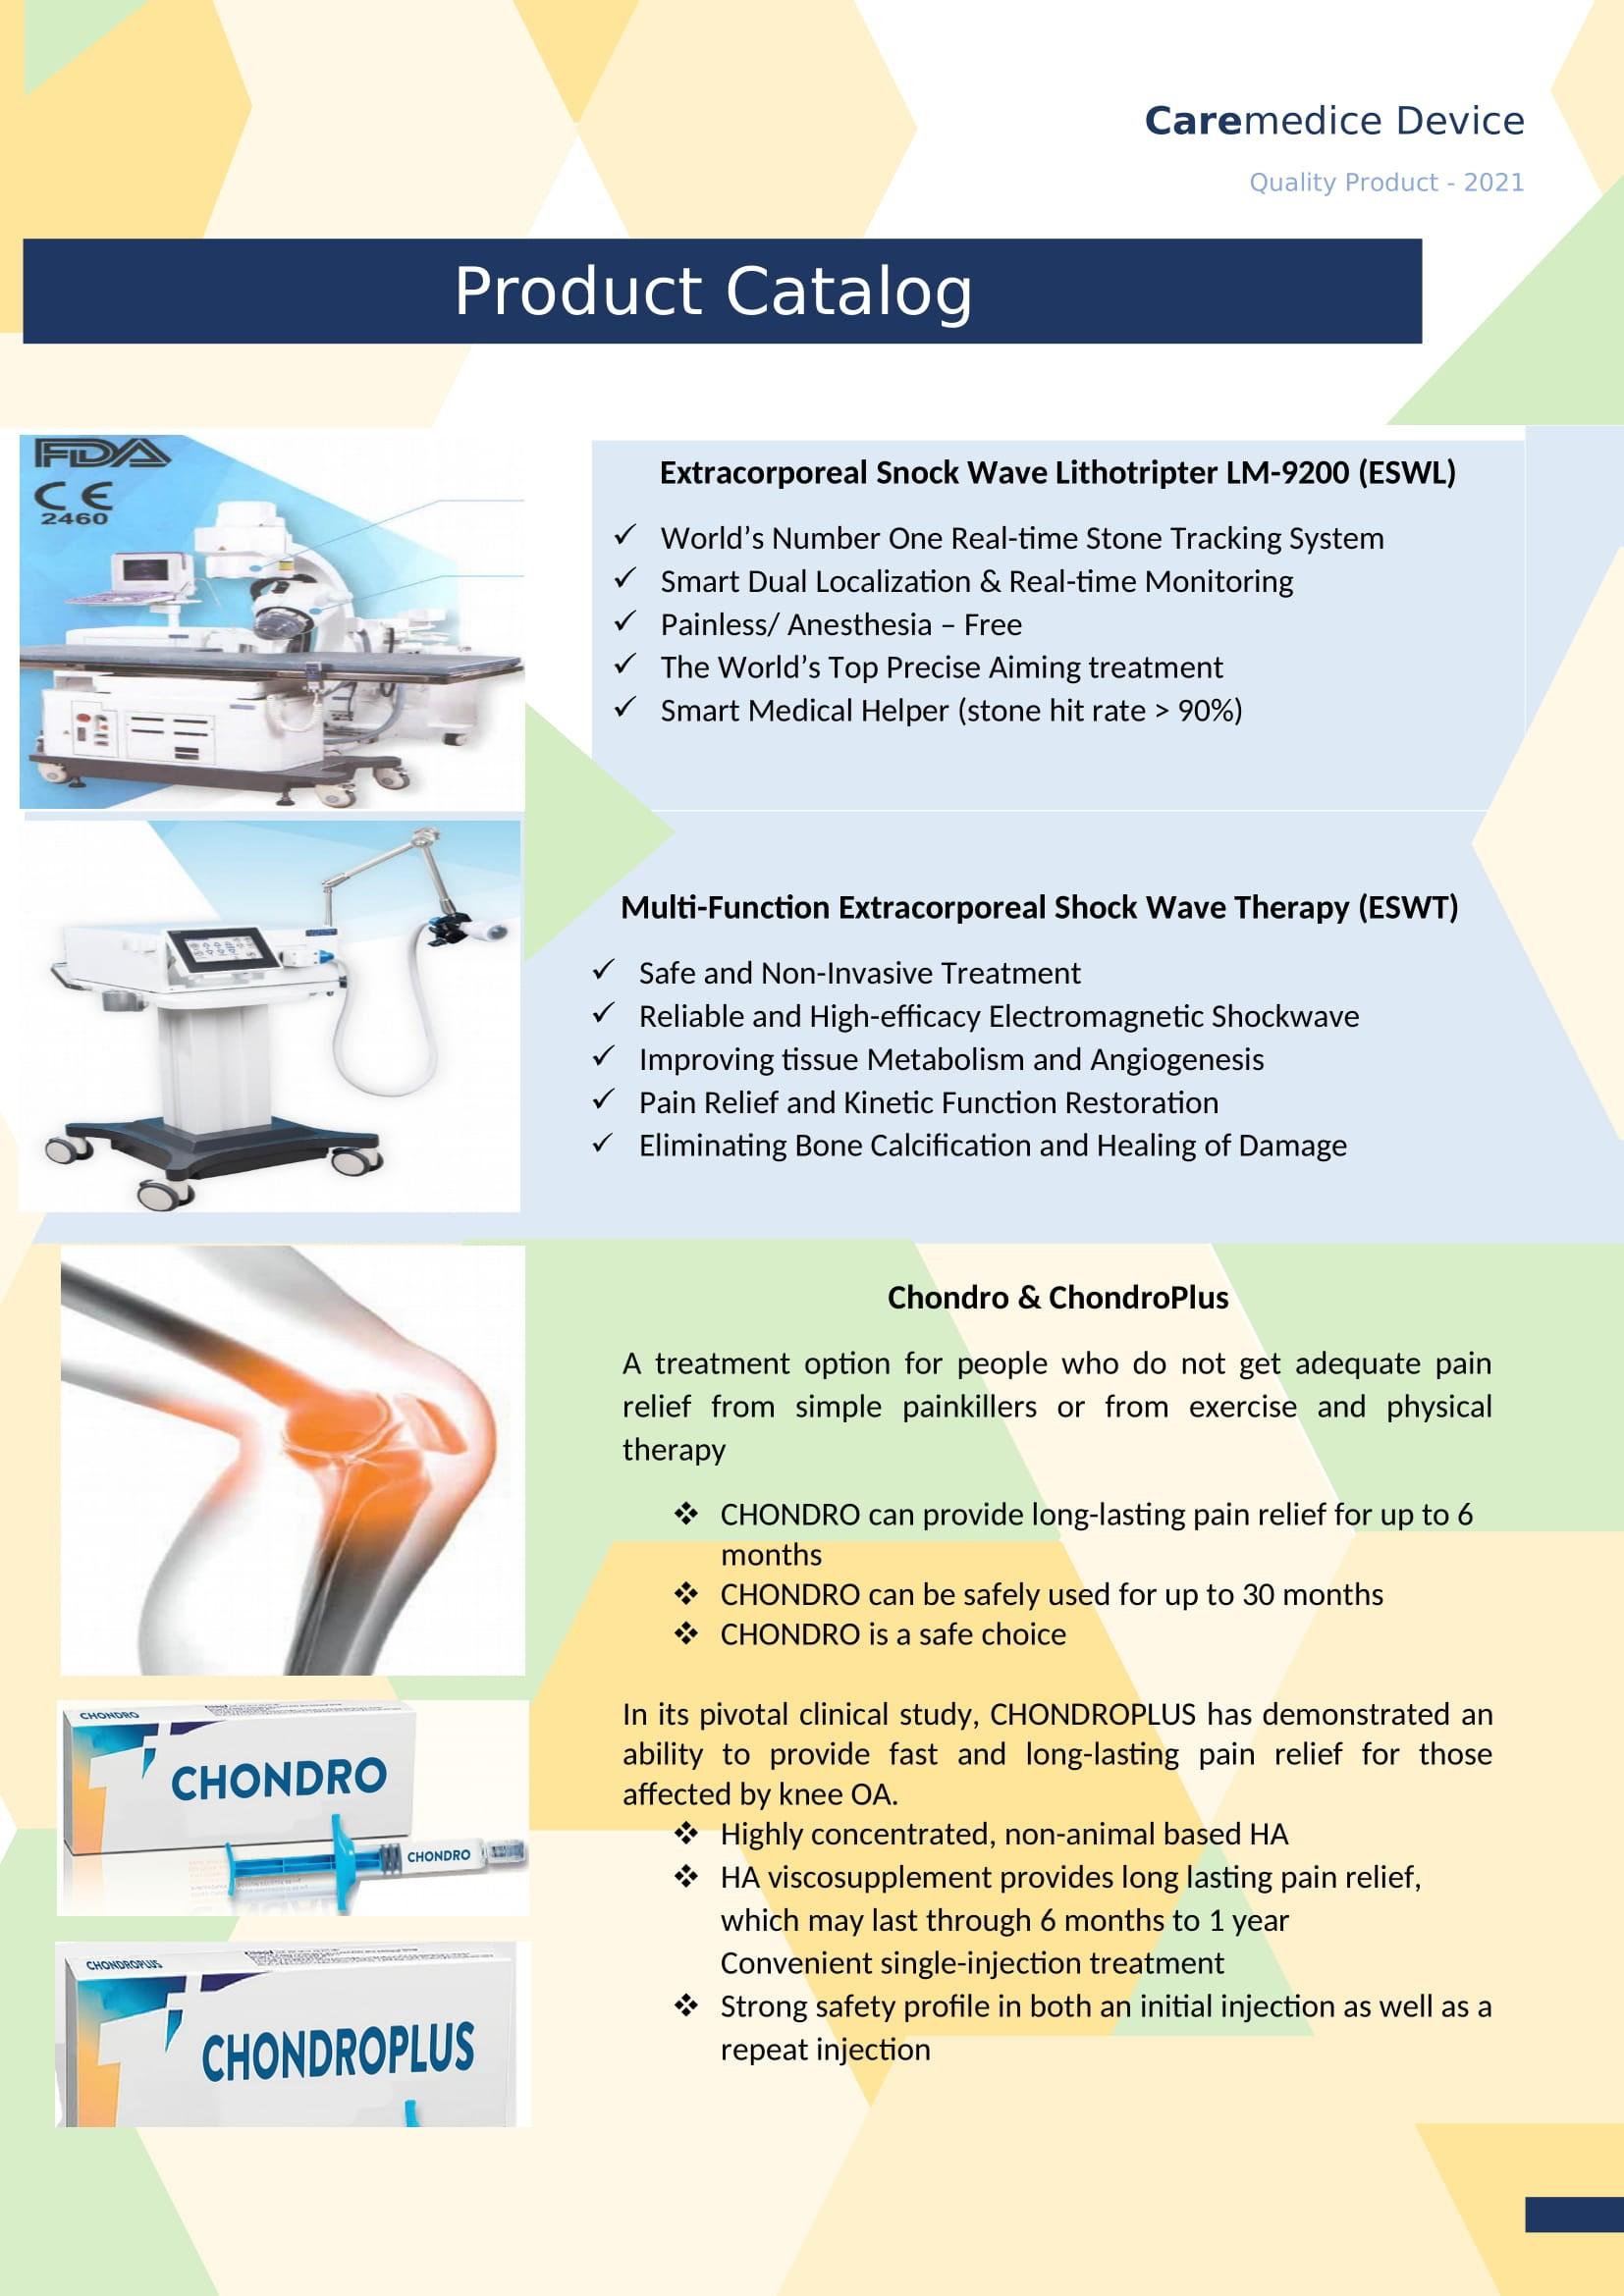 Caremedic Device Product Catalog